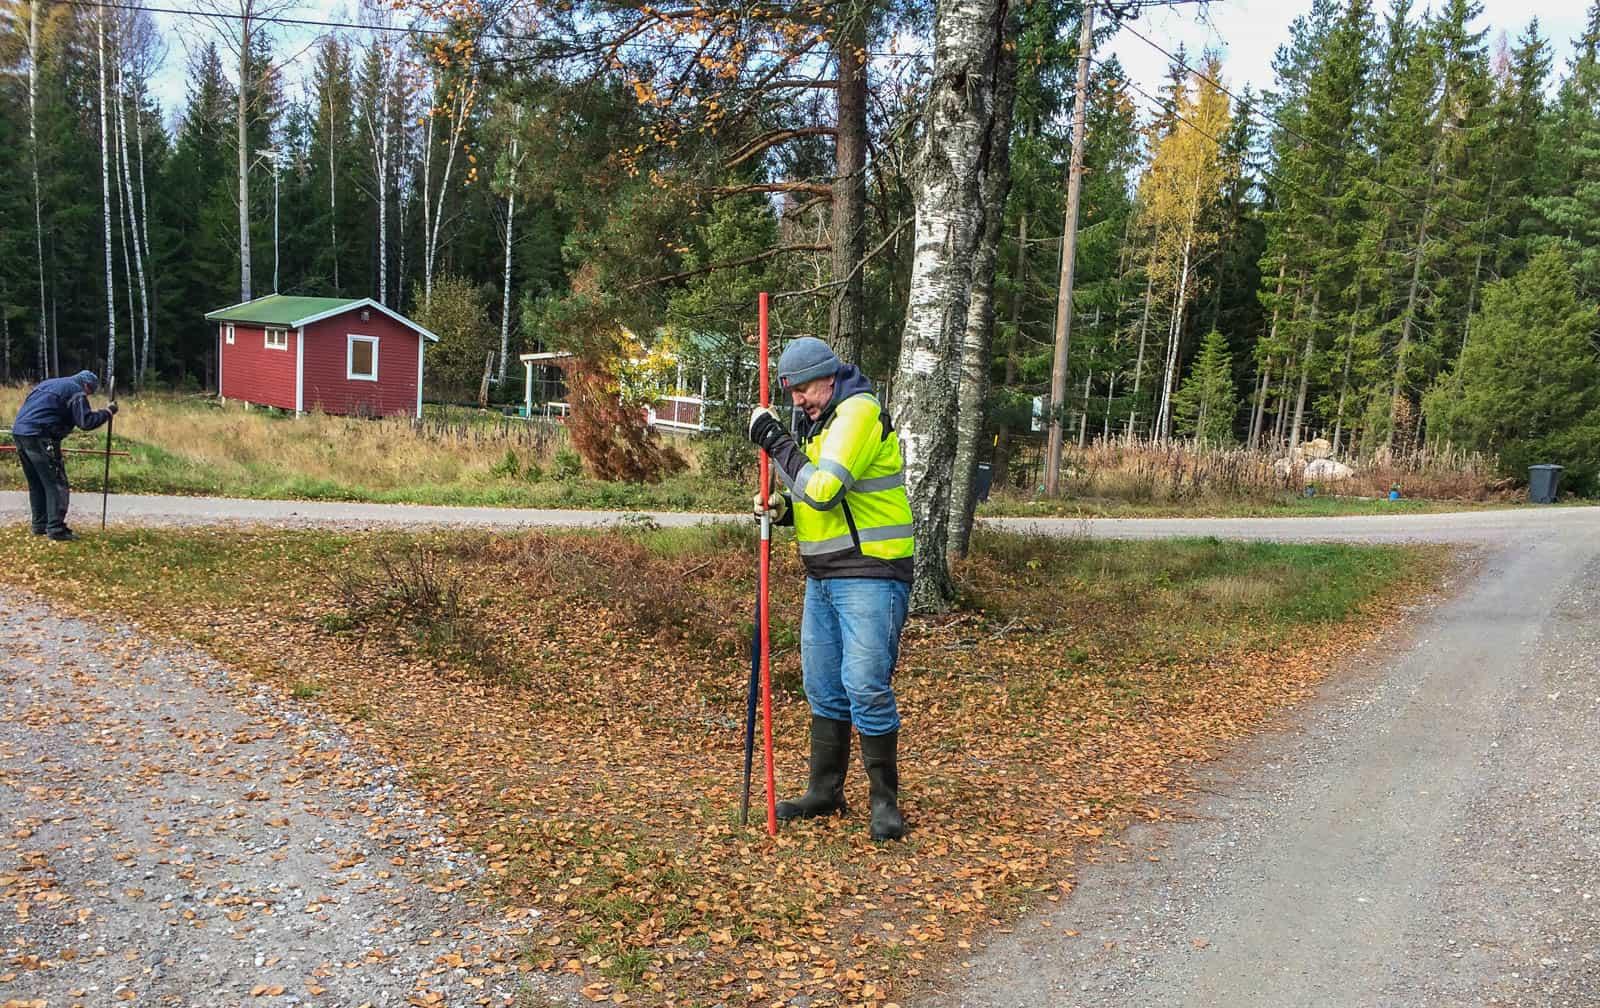 Långkalsonger och dubbla tröjor är bra att ha. När man spettar snökäppar blir man varm – men att åka släpvagn en kylig oktoberdag kylar snabbt ner en.